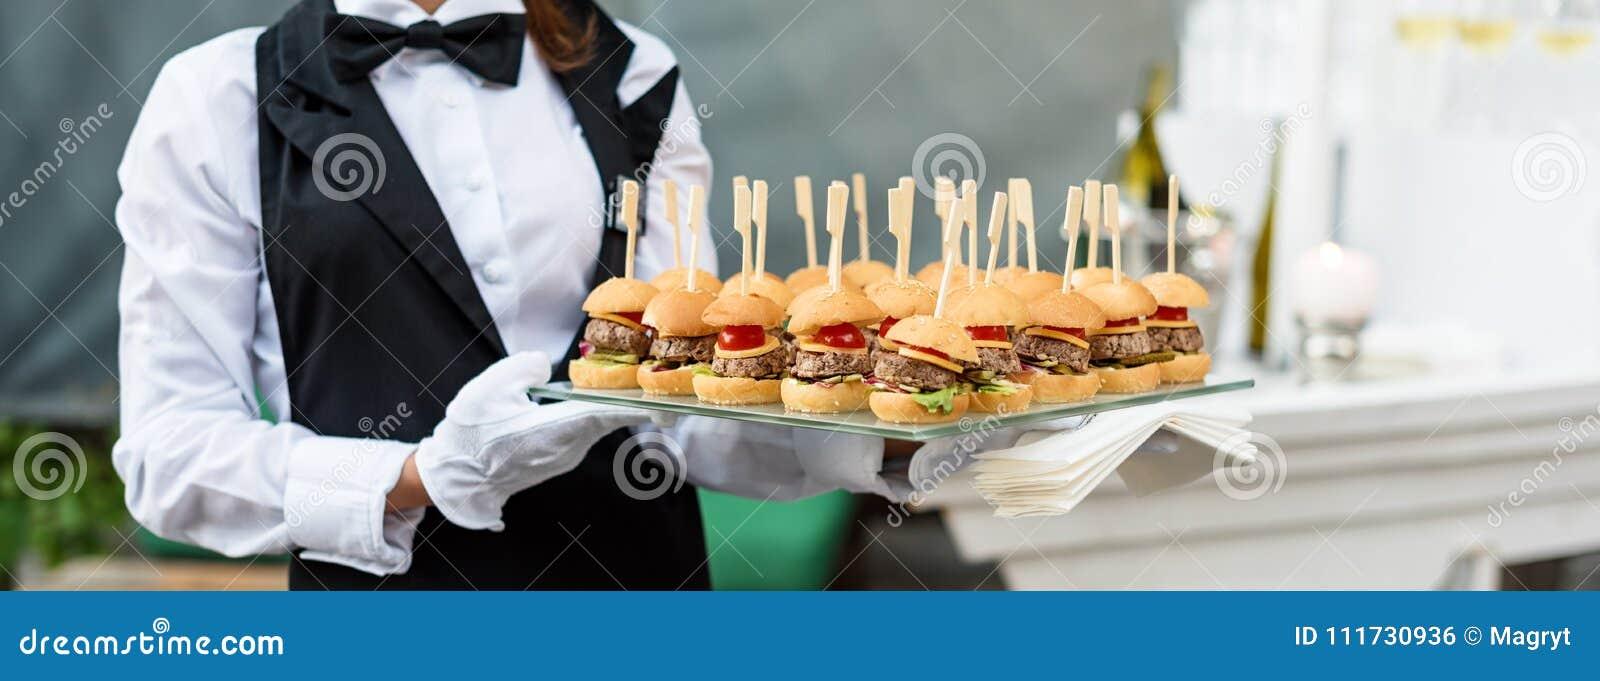 Service de restauration Serveur portant un plateau des apéritifs Partie extérieure avec le repas sur le pouce, mini hamburgers, g